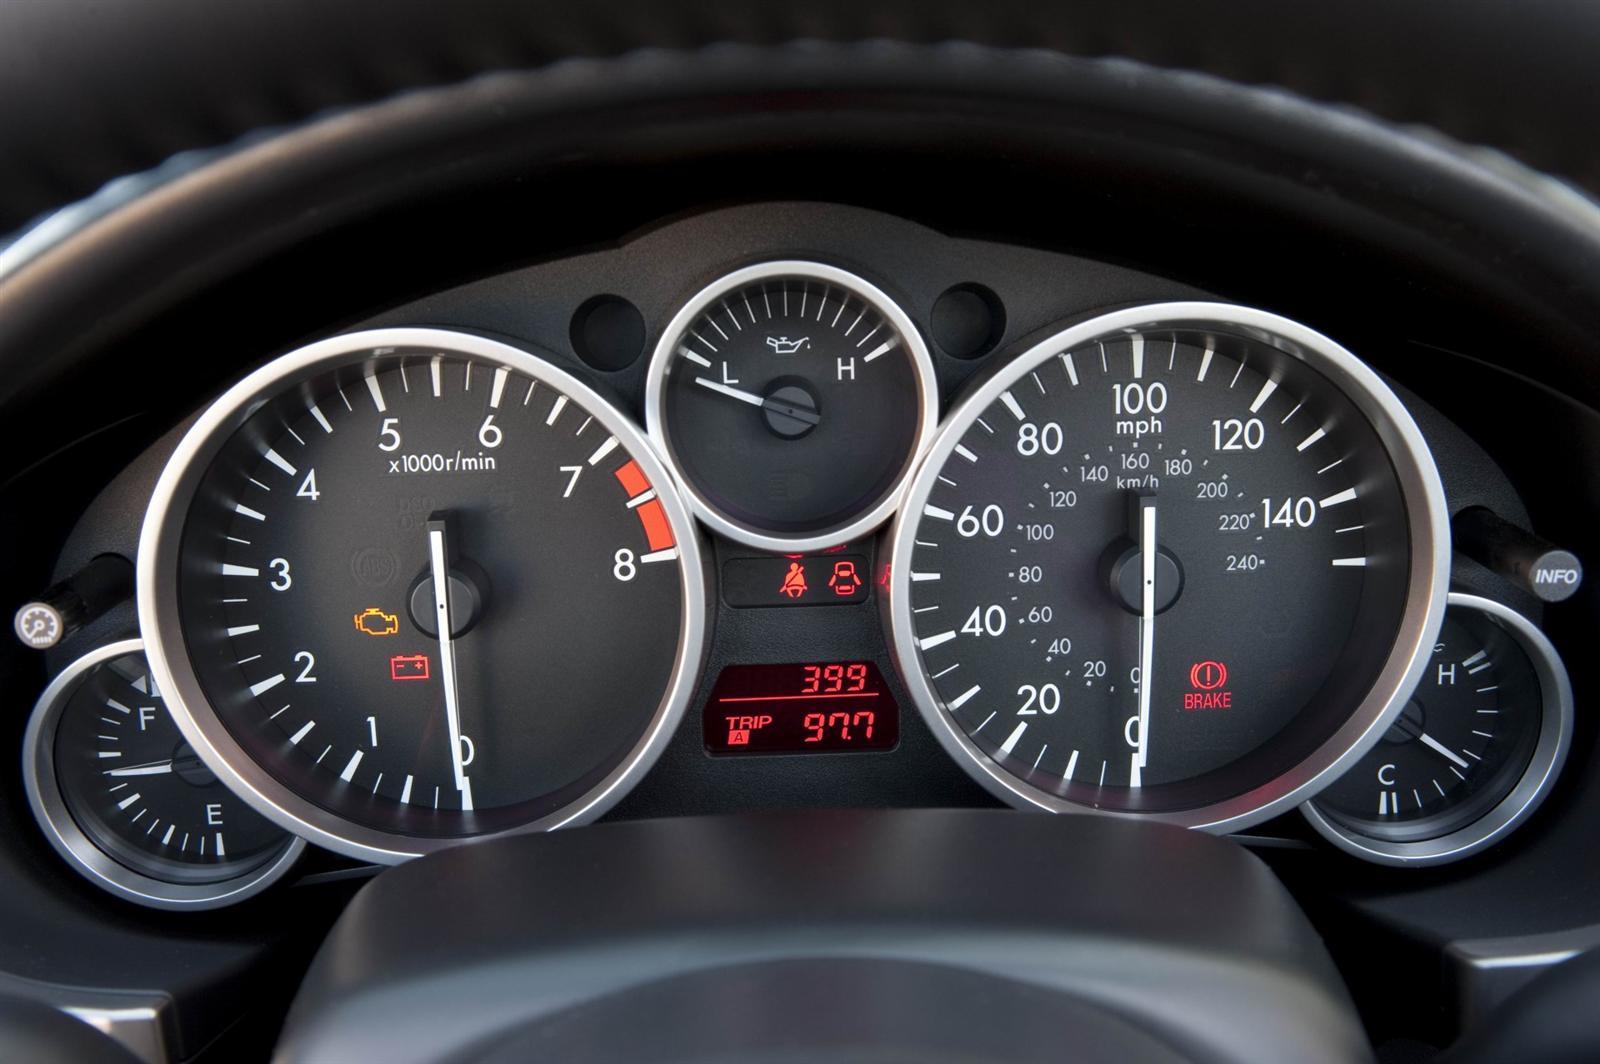 2011 Mazda MX-5 Miata